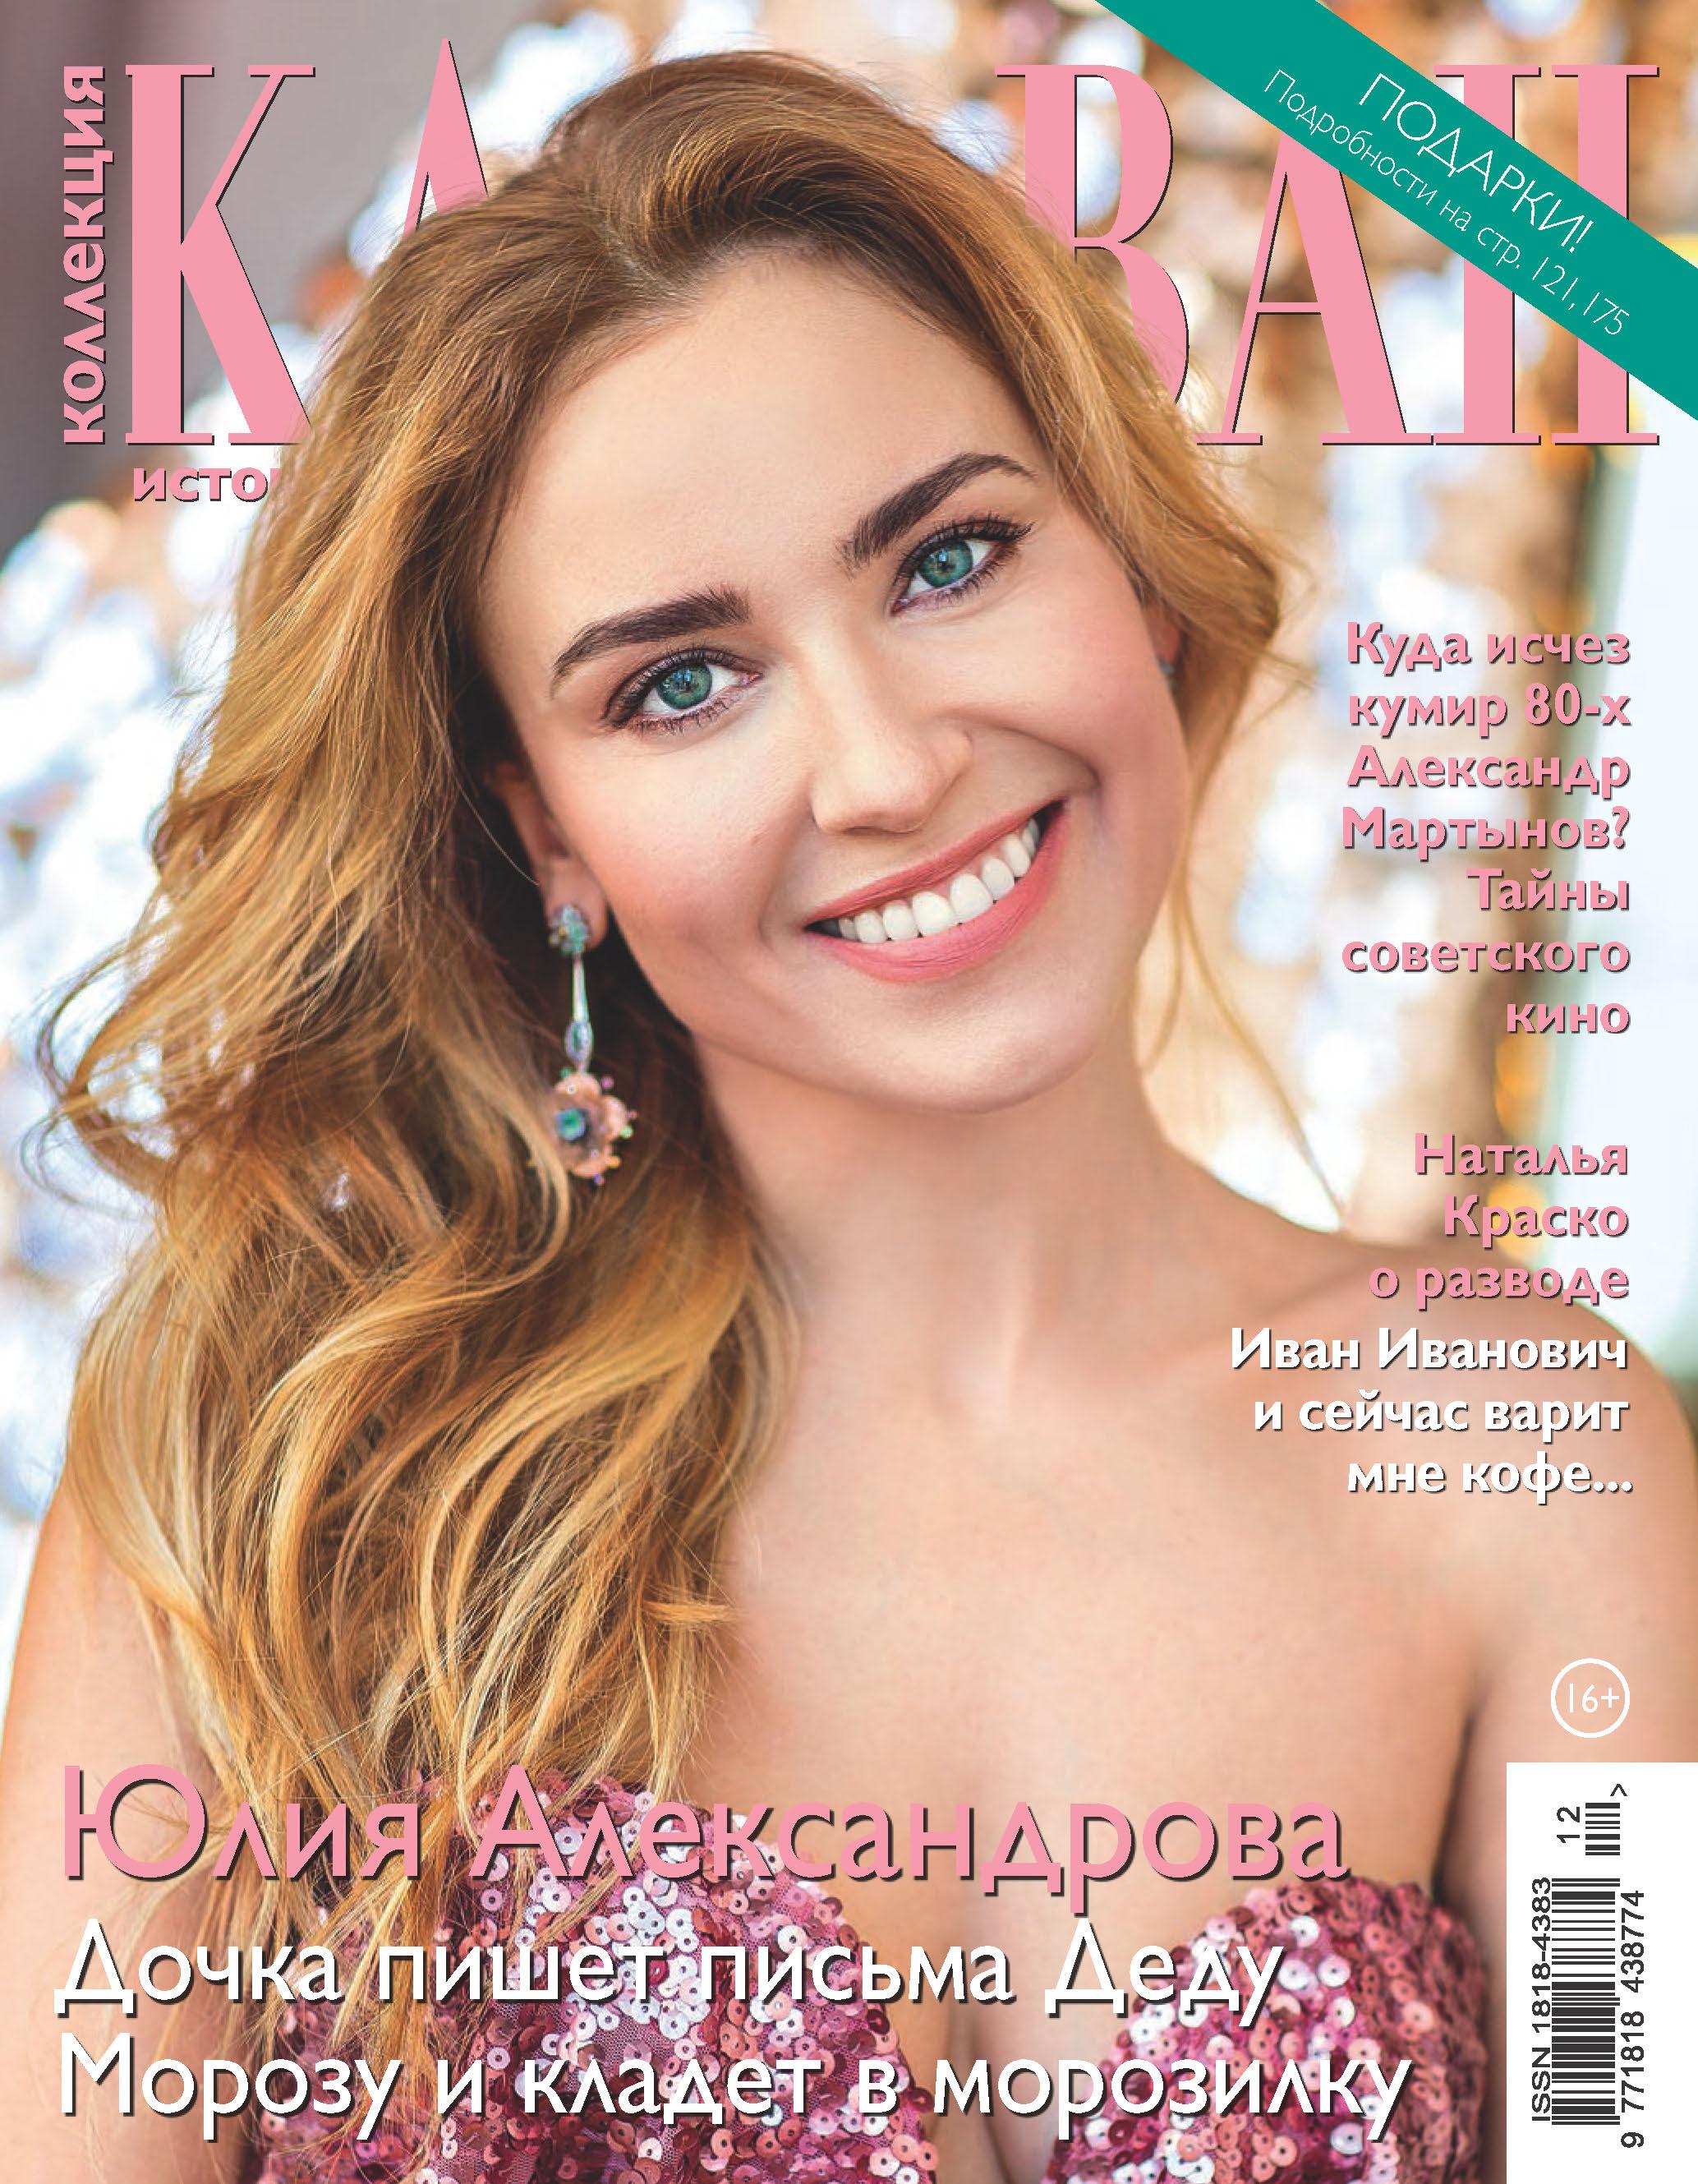 цена на Отсутствует Коллекция Караван историй №12/2018